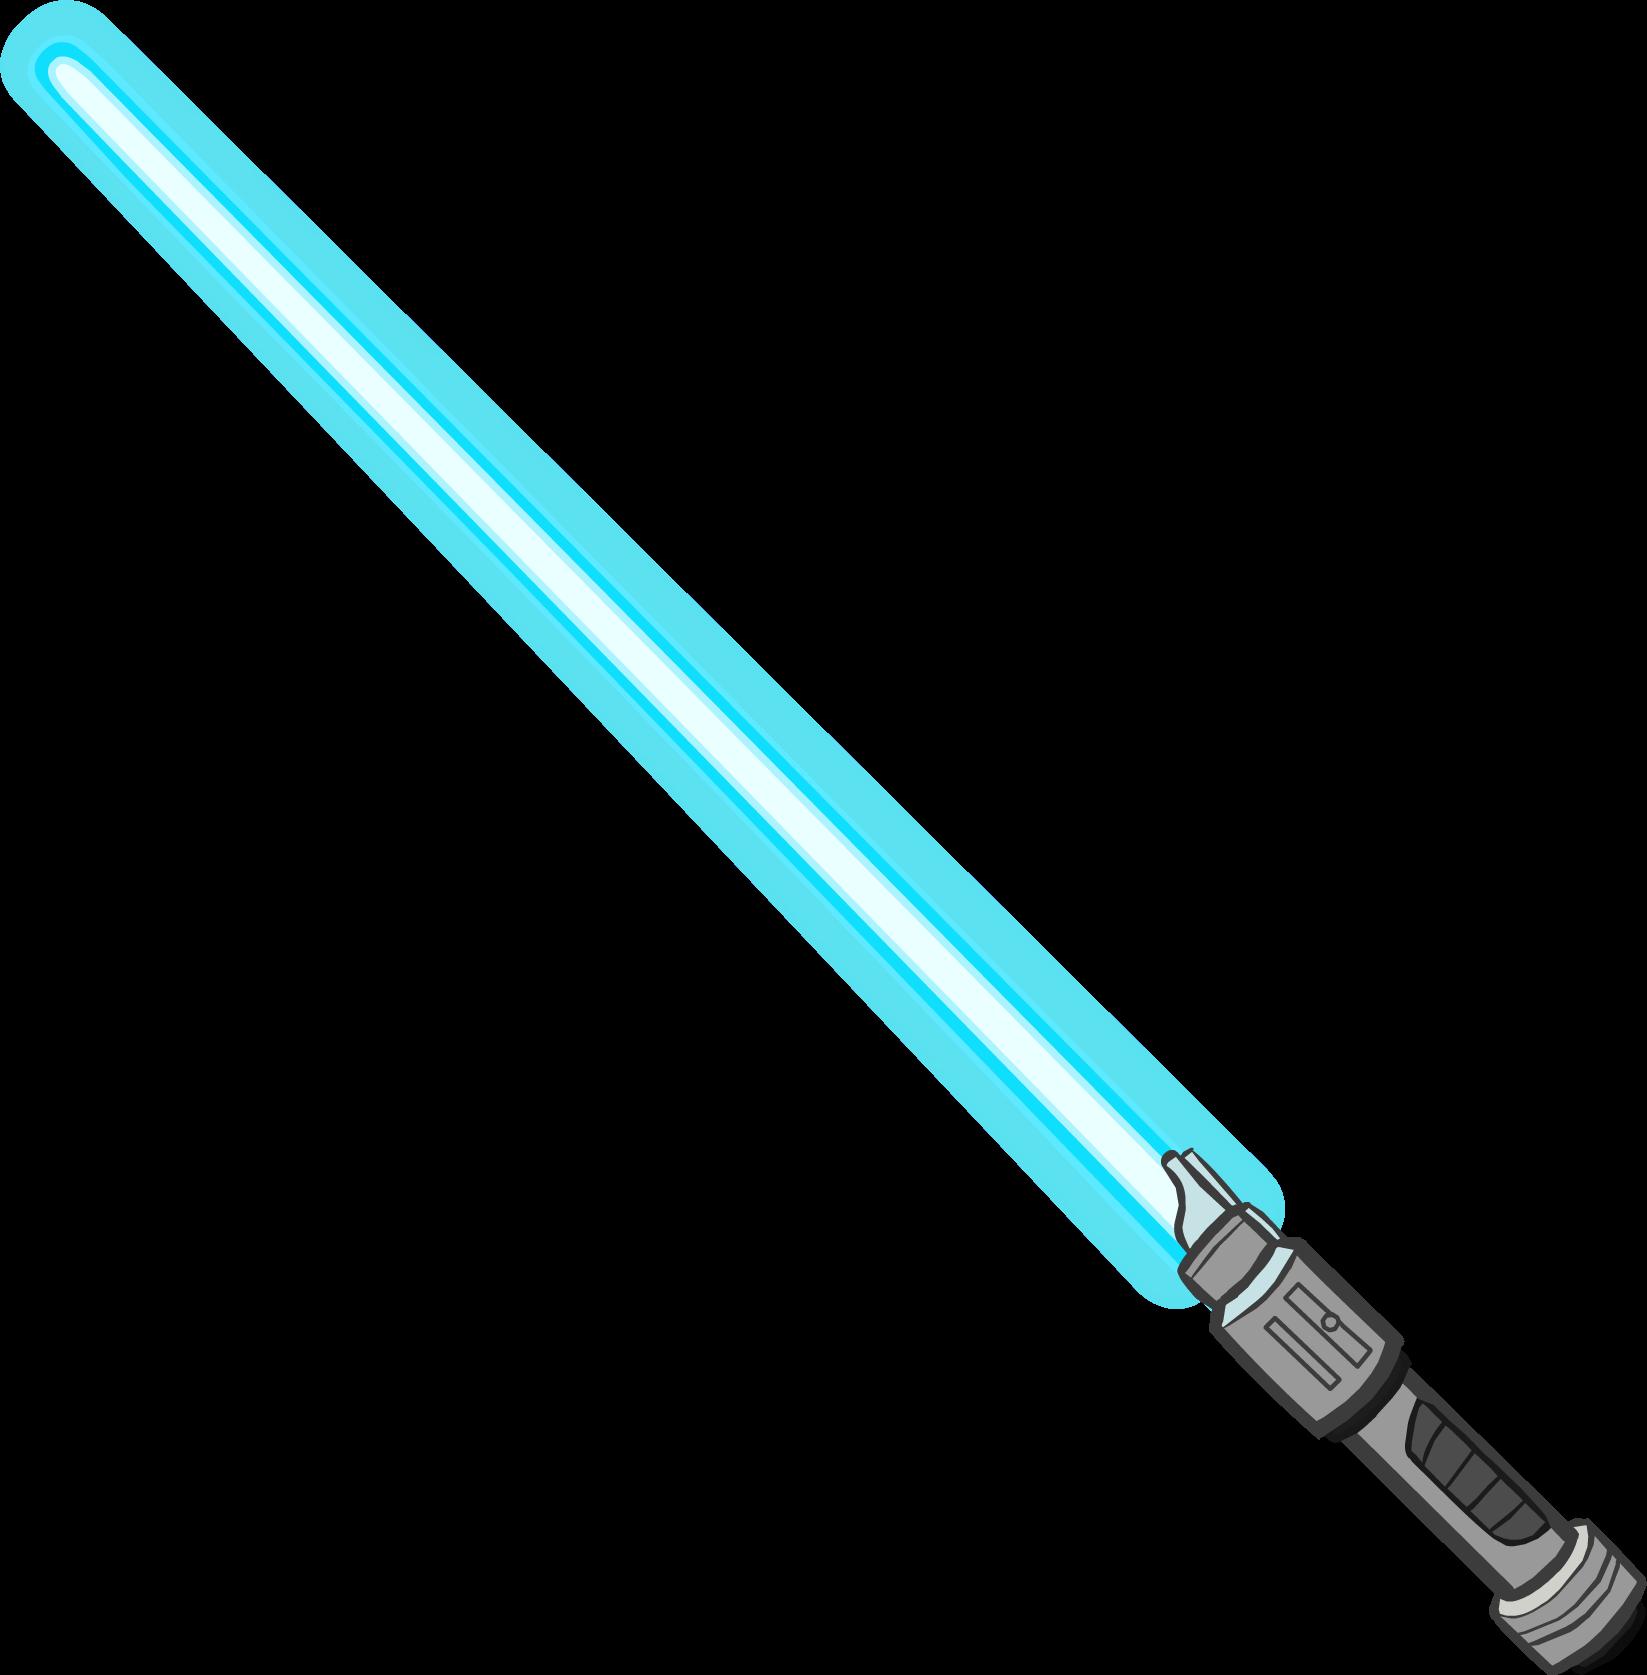 Latest 1647 1675 Lightsaber Blue Lightsaber Star Wars Light Saber